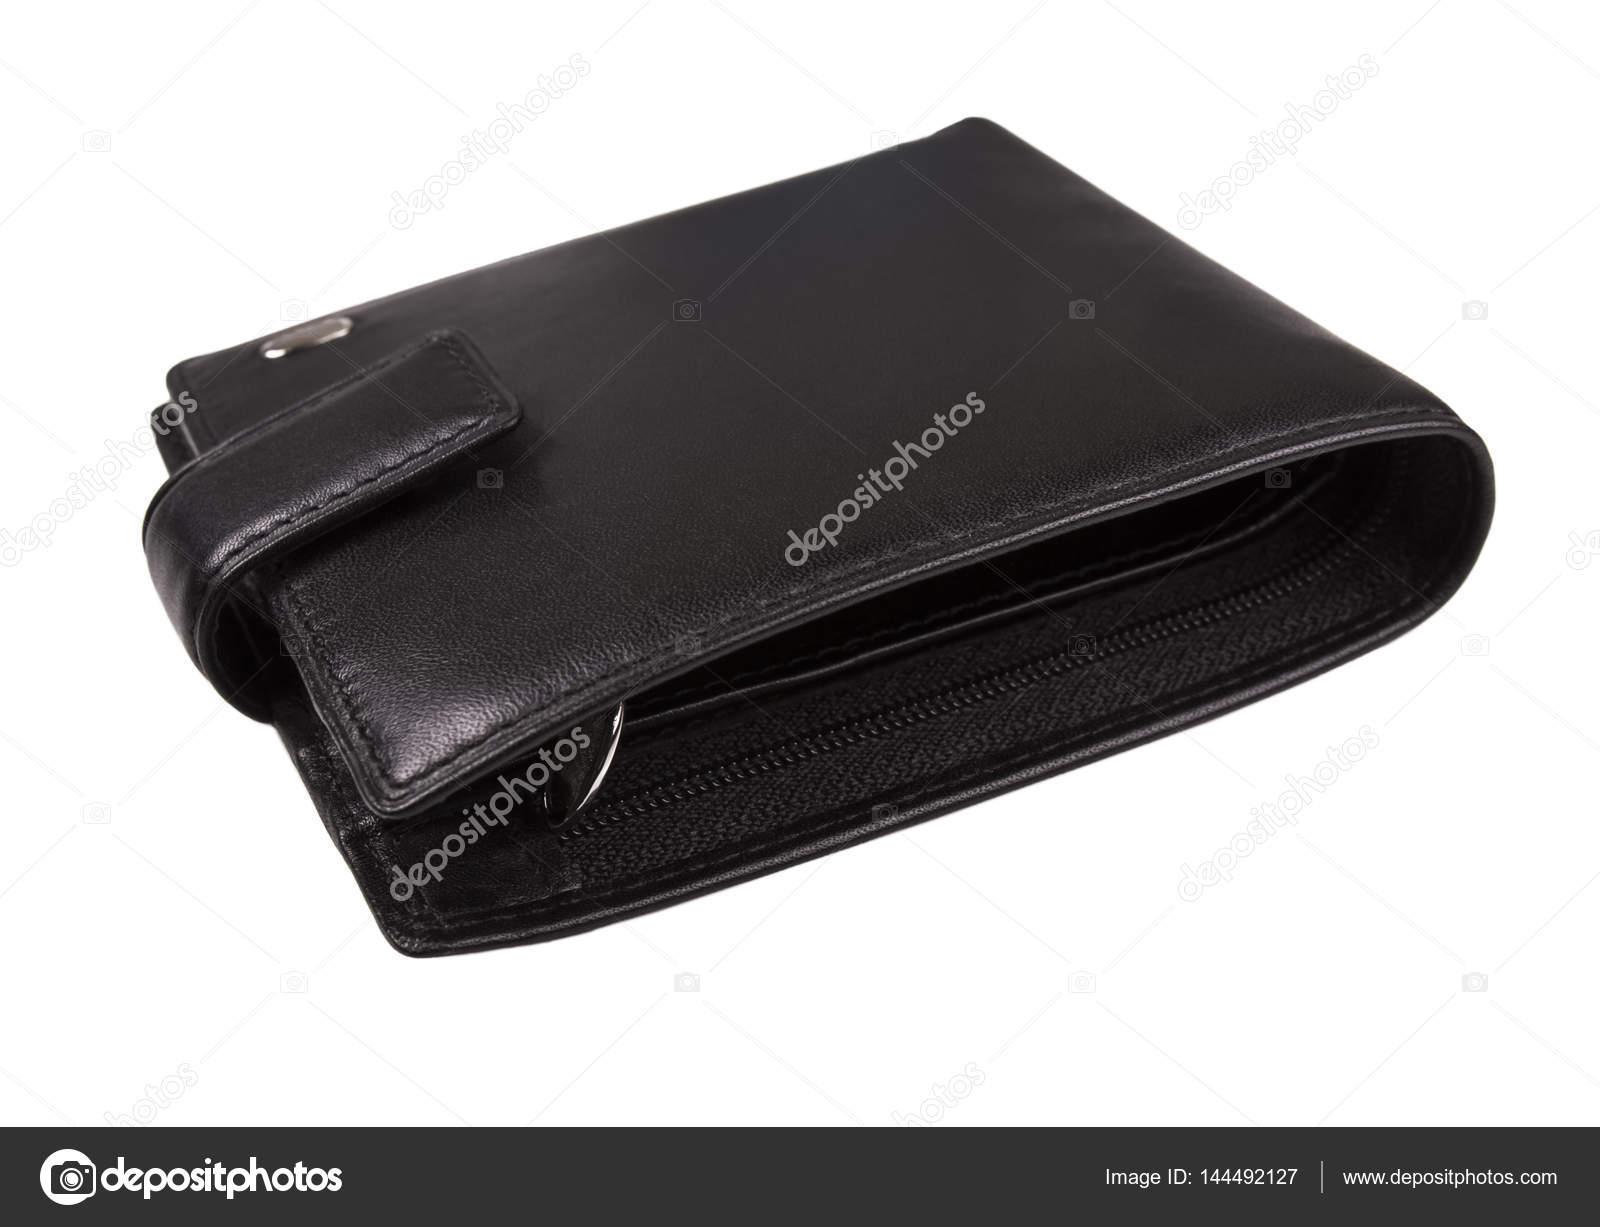 3546a0ee3b Μαύρο Δερμάτινο ανδρικό πορτοφόλι που απομονώνονται σε λευκό φόντο — Εικόνα  από ...